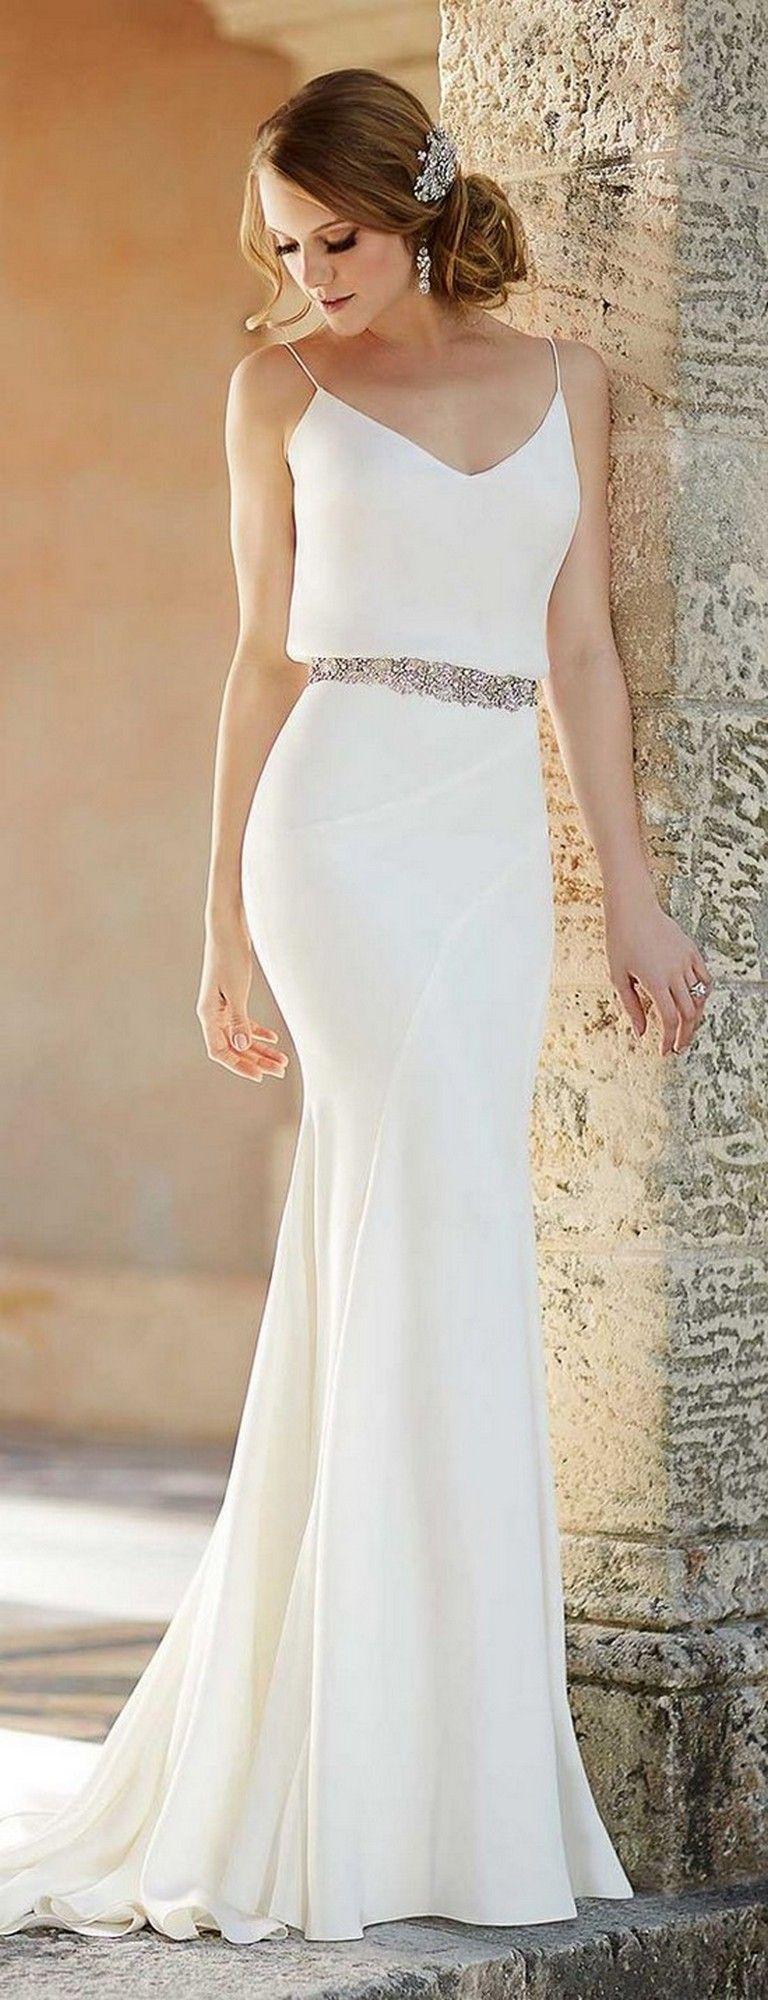 40 Chic Beach Wedding Dress Awesome Ideas | Wedding dress, Wedding ...